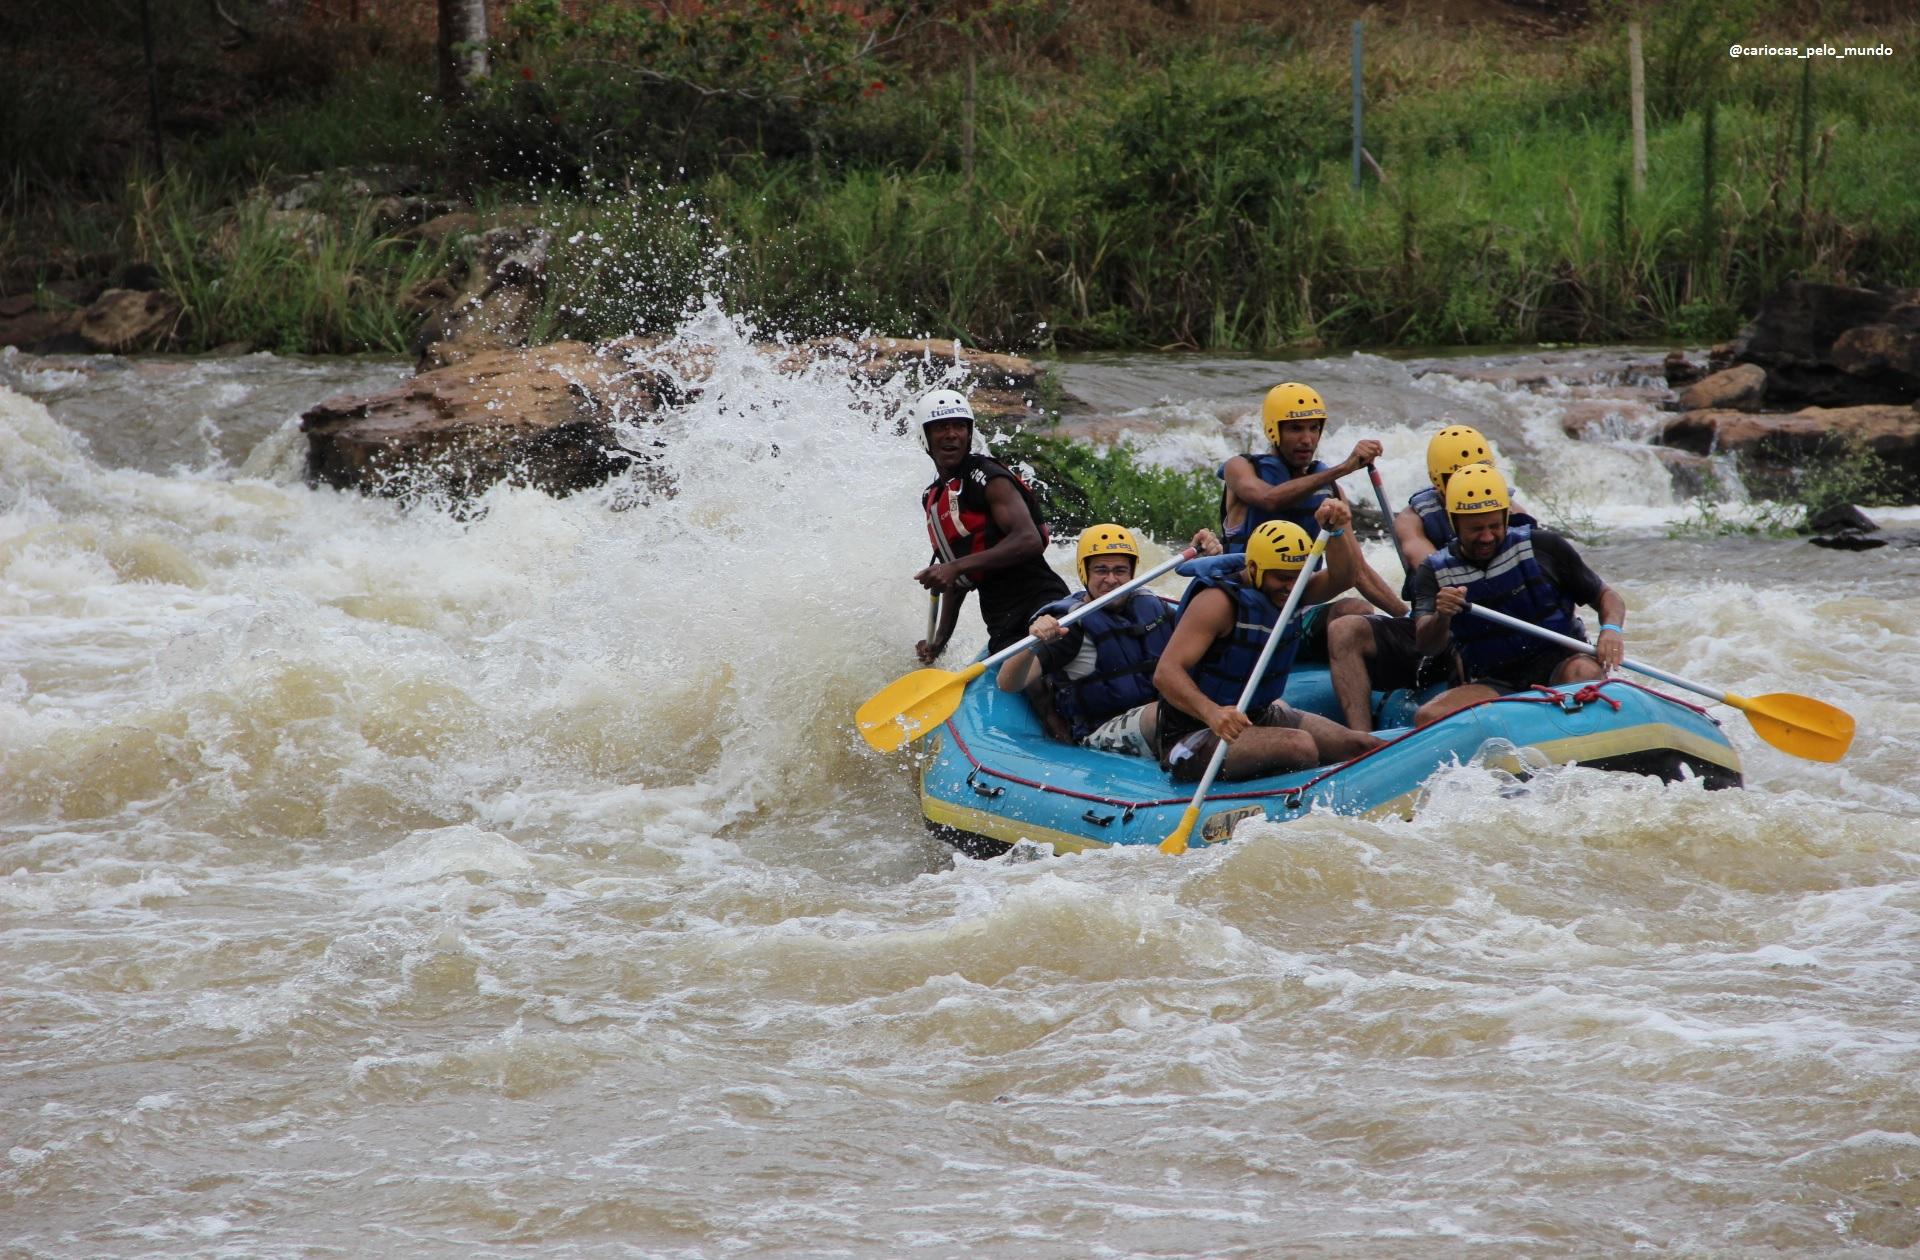 Rafting em Três Rios: turismo de aventura no RJ